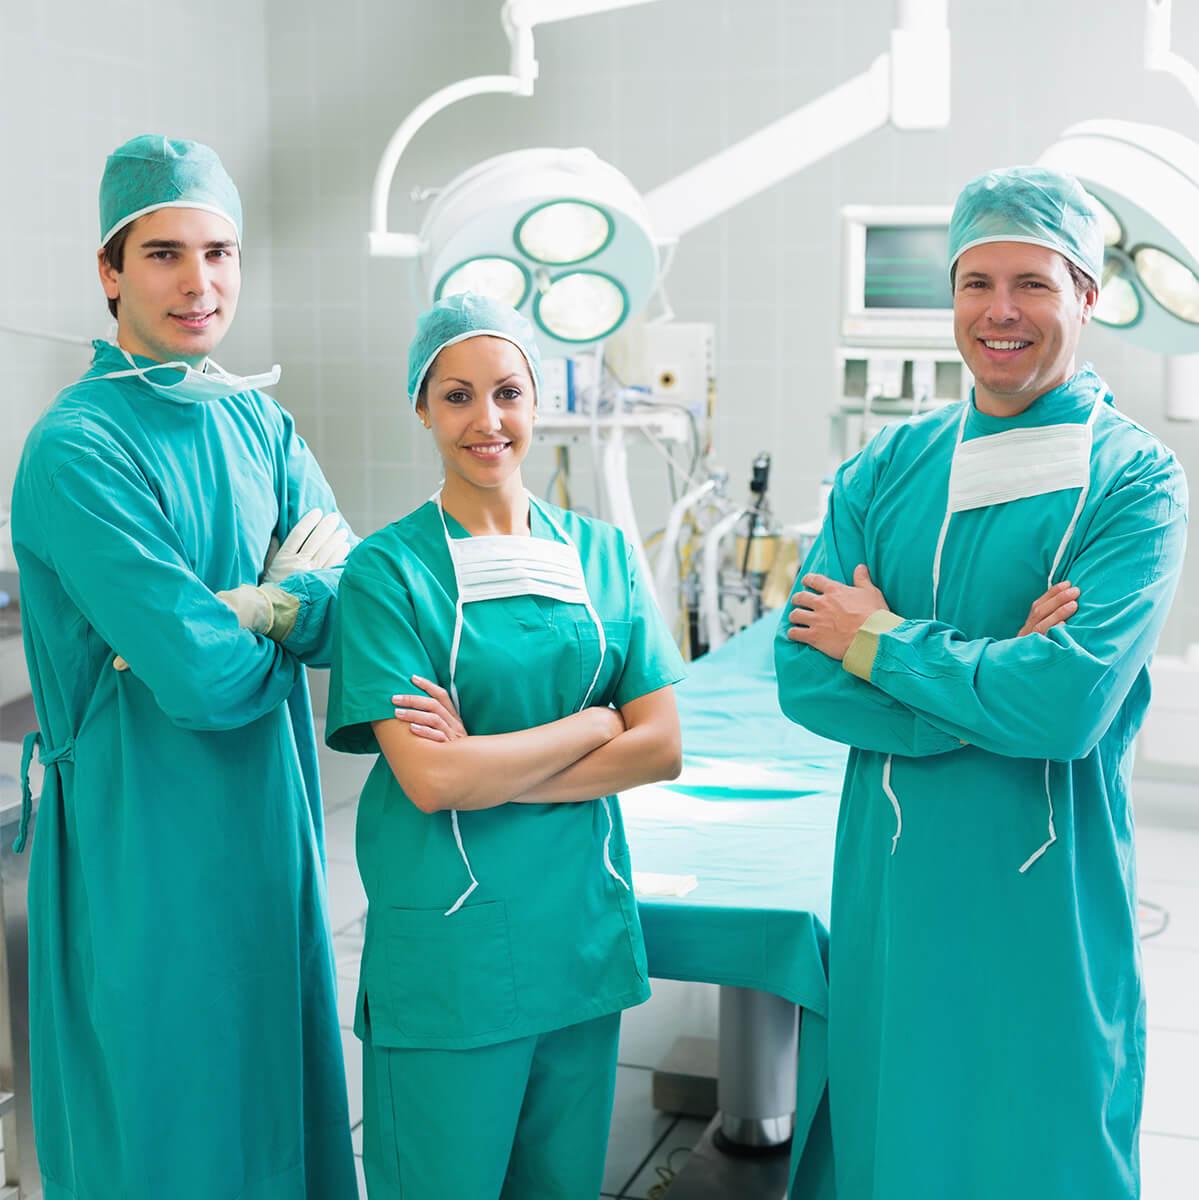 Al Gemelli intervento di correzione in utero della spina bifida